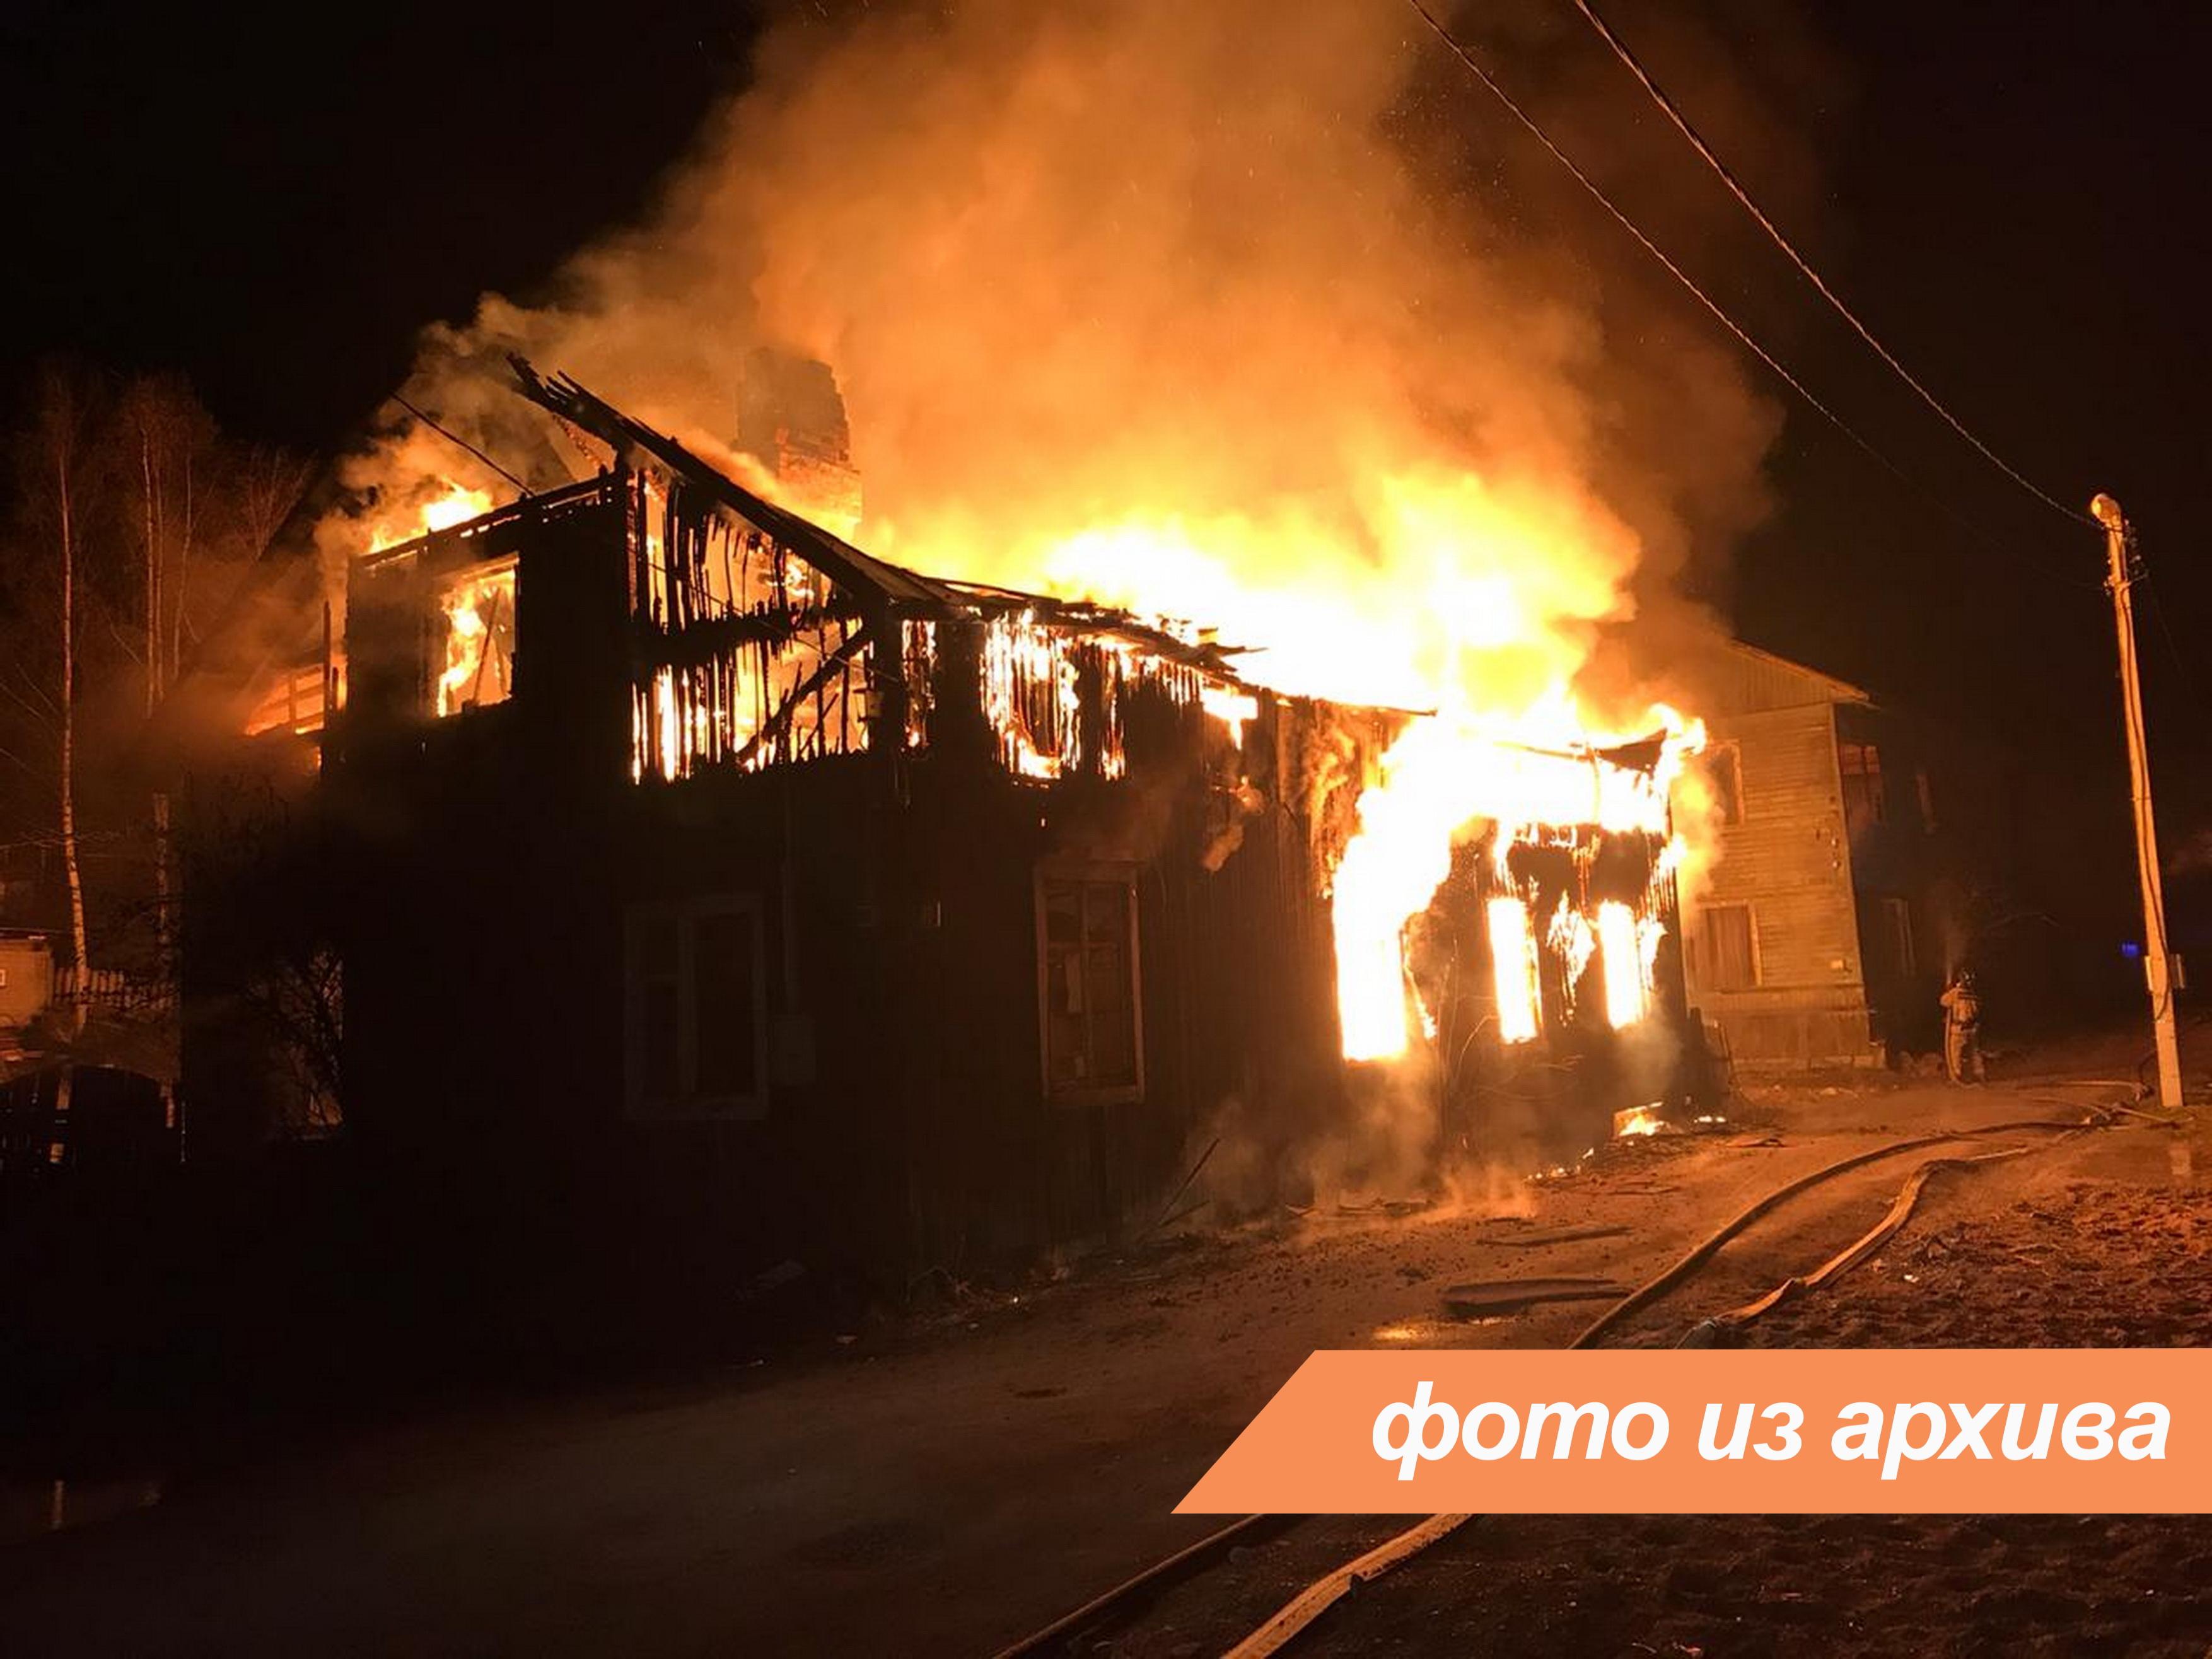 Пожарно-спасательное подразделение Ленинградской области ликвидировало пожар в Лужском районе